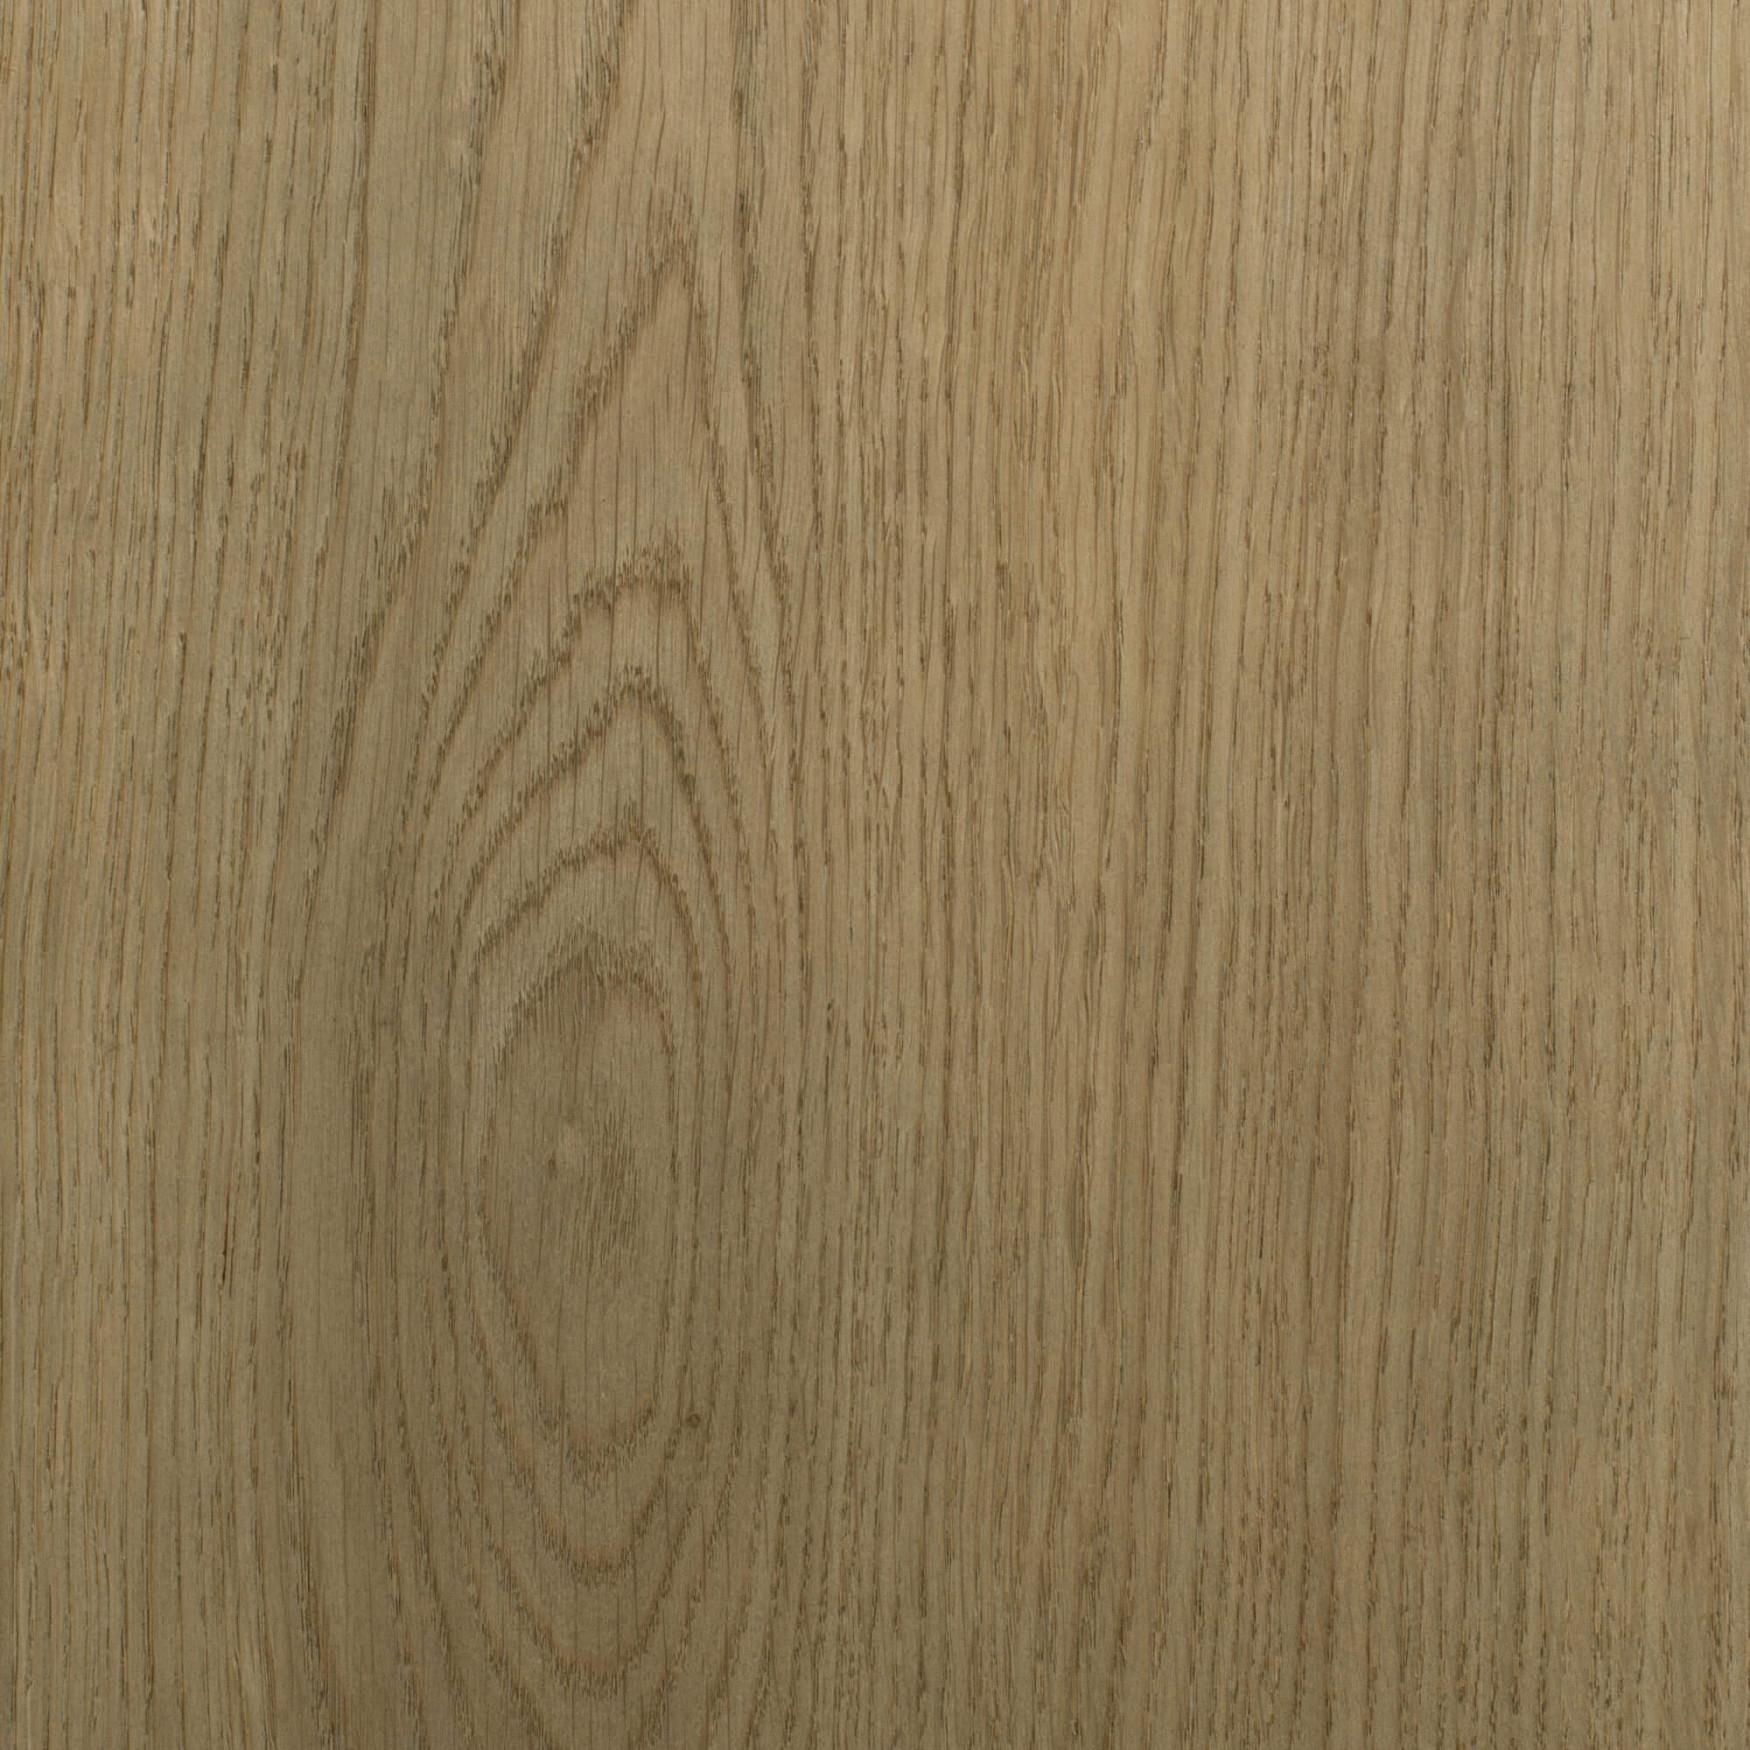 Element7-wide-plank-samples-RT-London-Oak